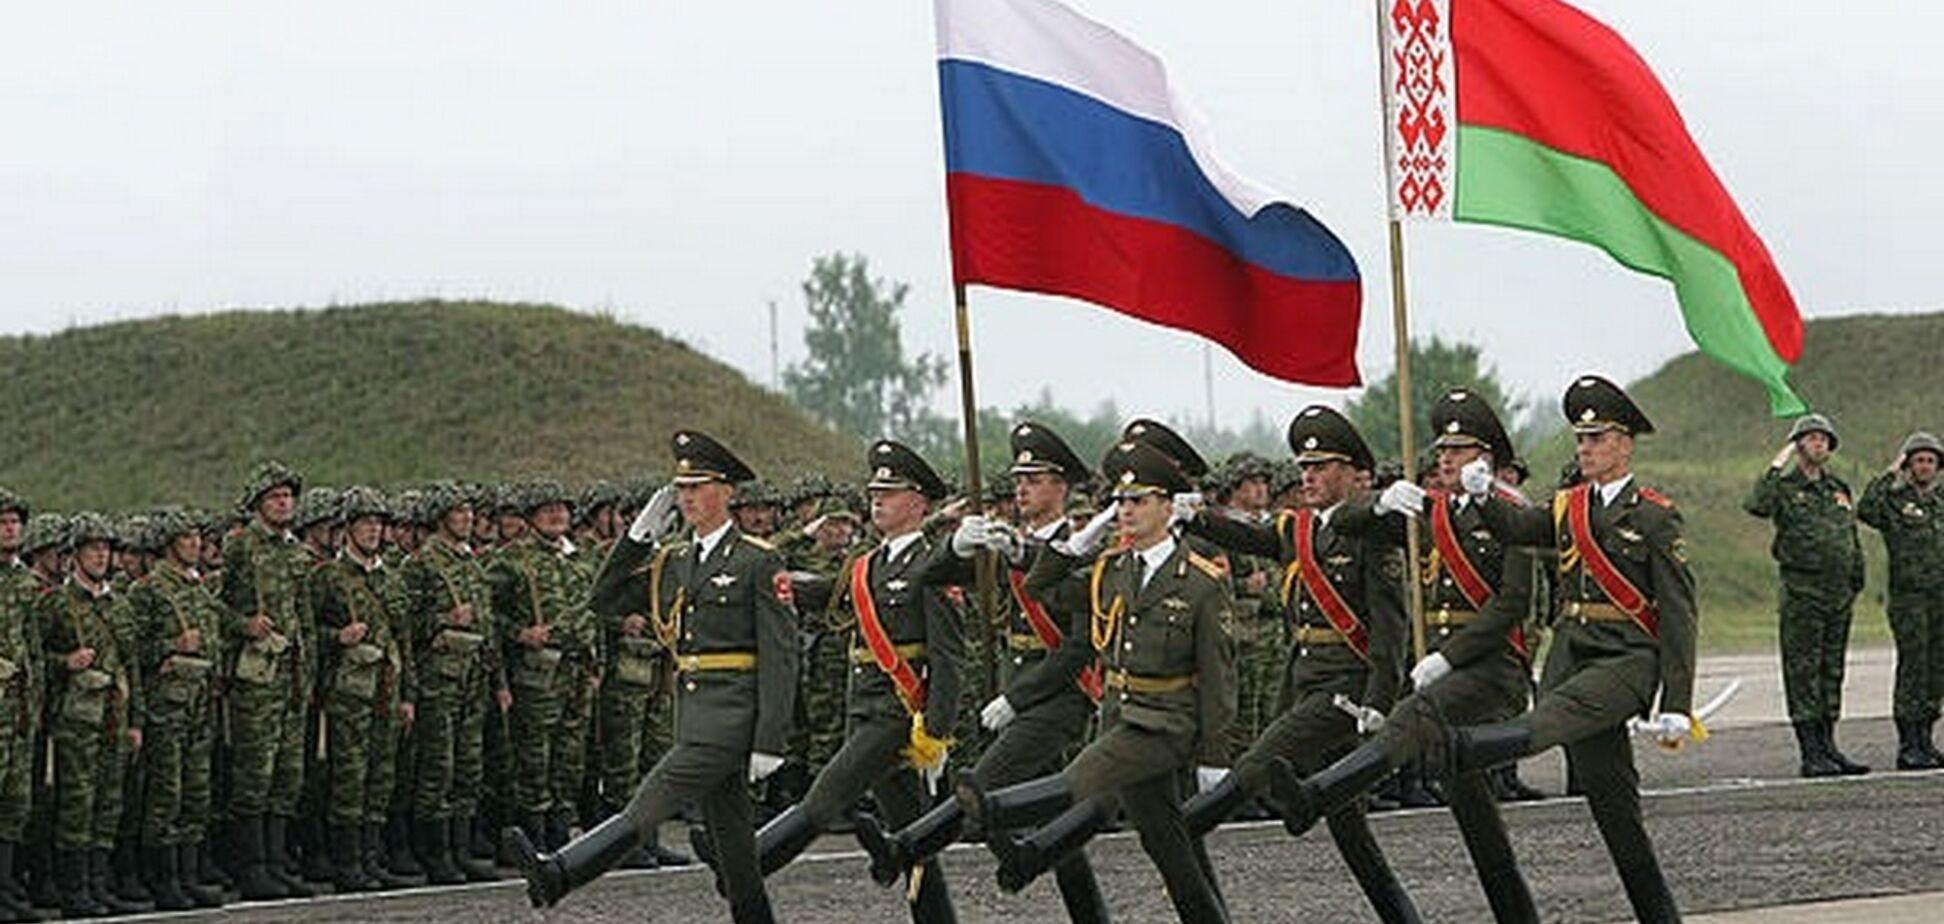 Скинуть Лукашенко и повторить Донбасс: названы главные опасности учений 'Запад-2017'